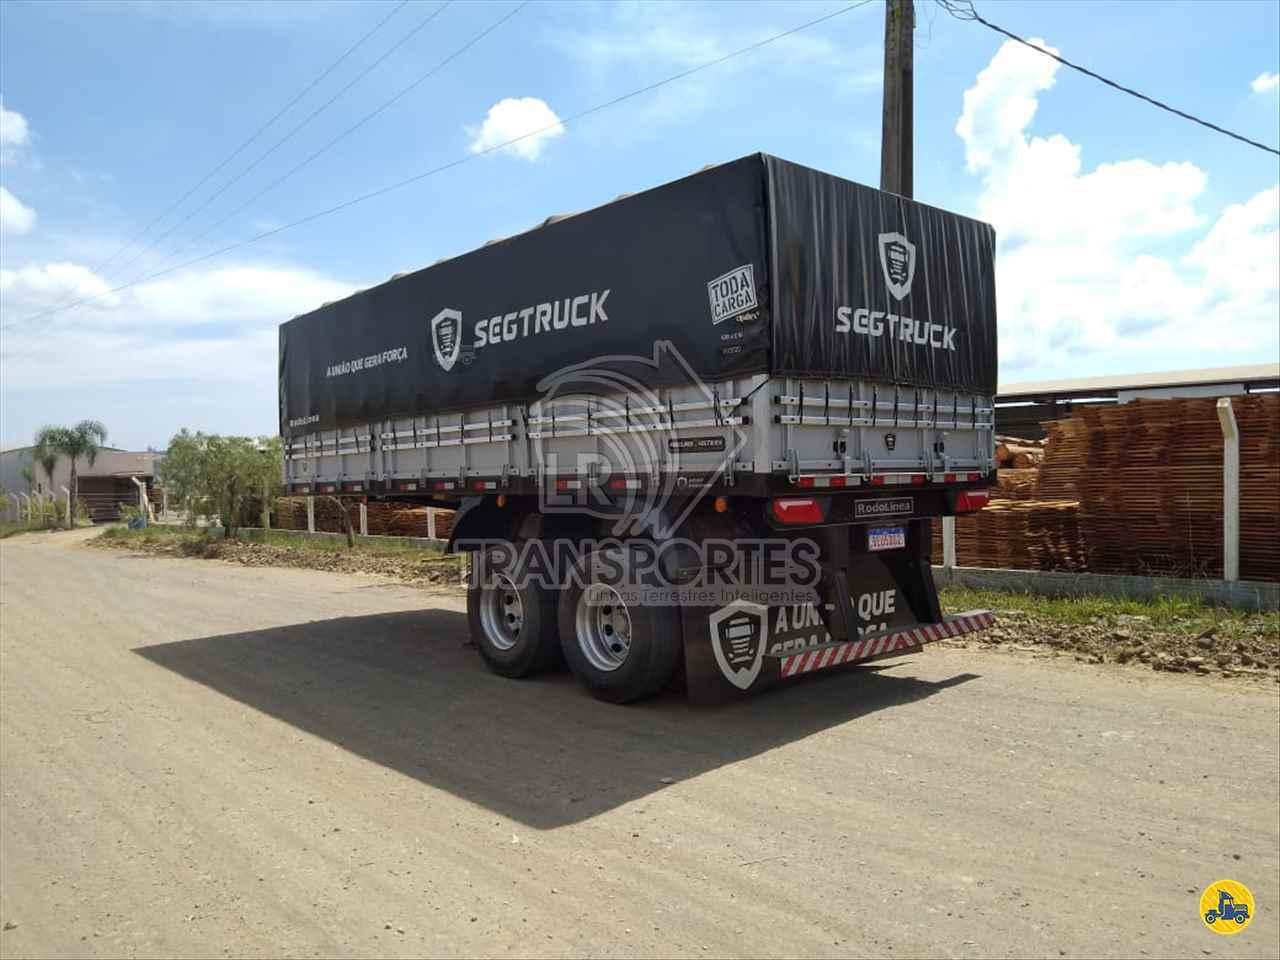 CARRETA BITREM GRANELEIRO LR Transportes FEIRA DE SANTANA BAHIA BA